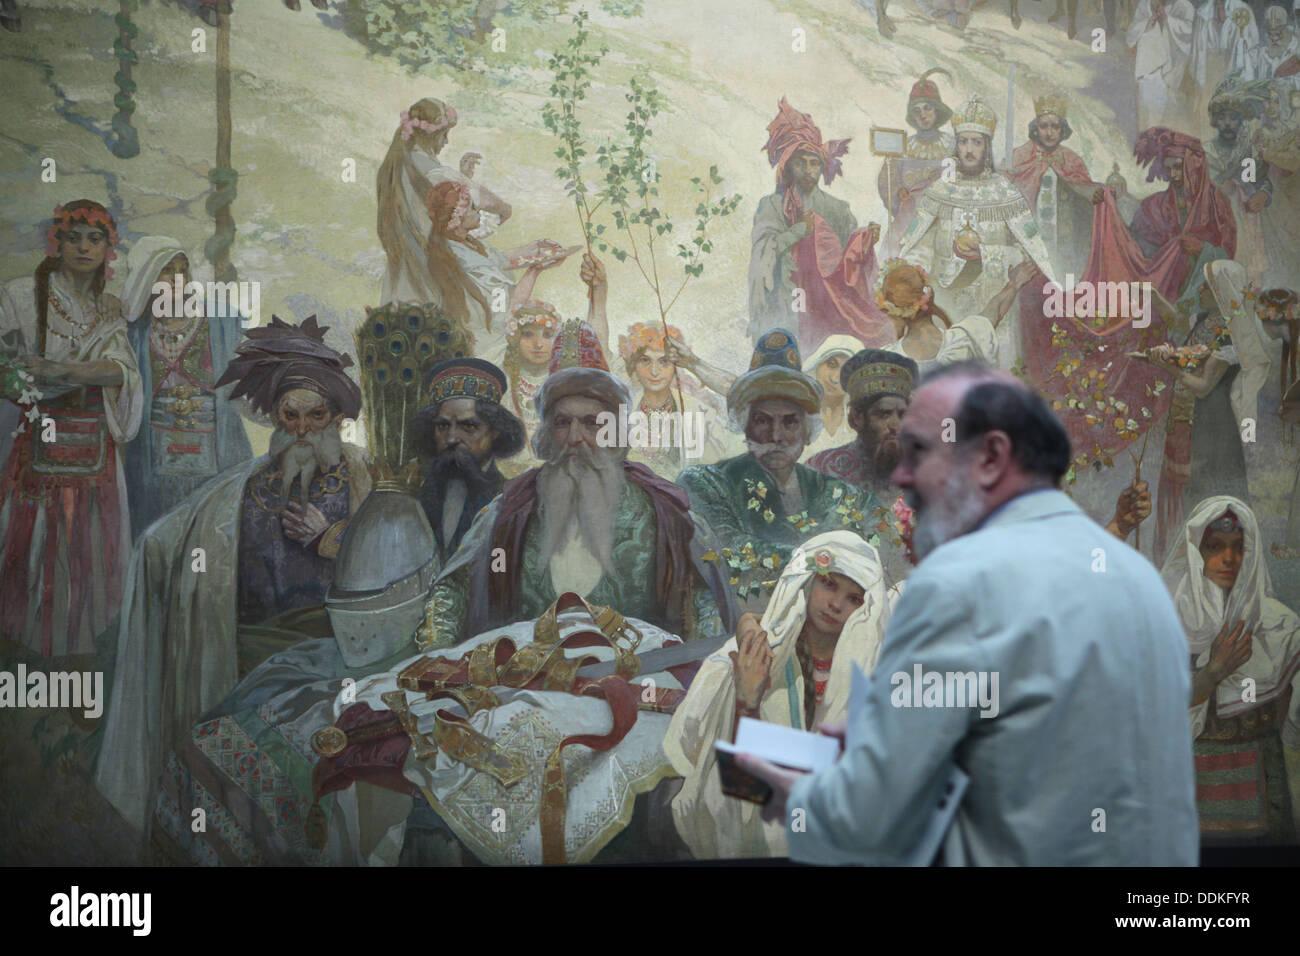 """Dipinto 'l'incoronazione del Tsar serbo Stefan Dusan' dal ciclo """" slave """" epica dipinta da Alfons Mucha. Immagini Stock"""